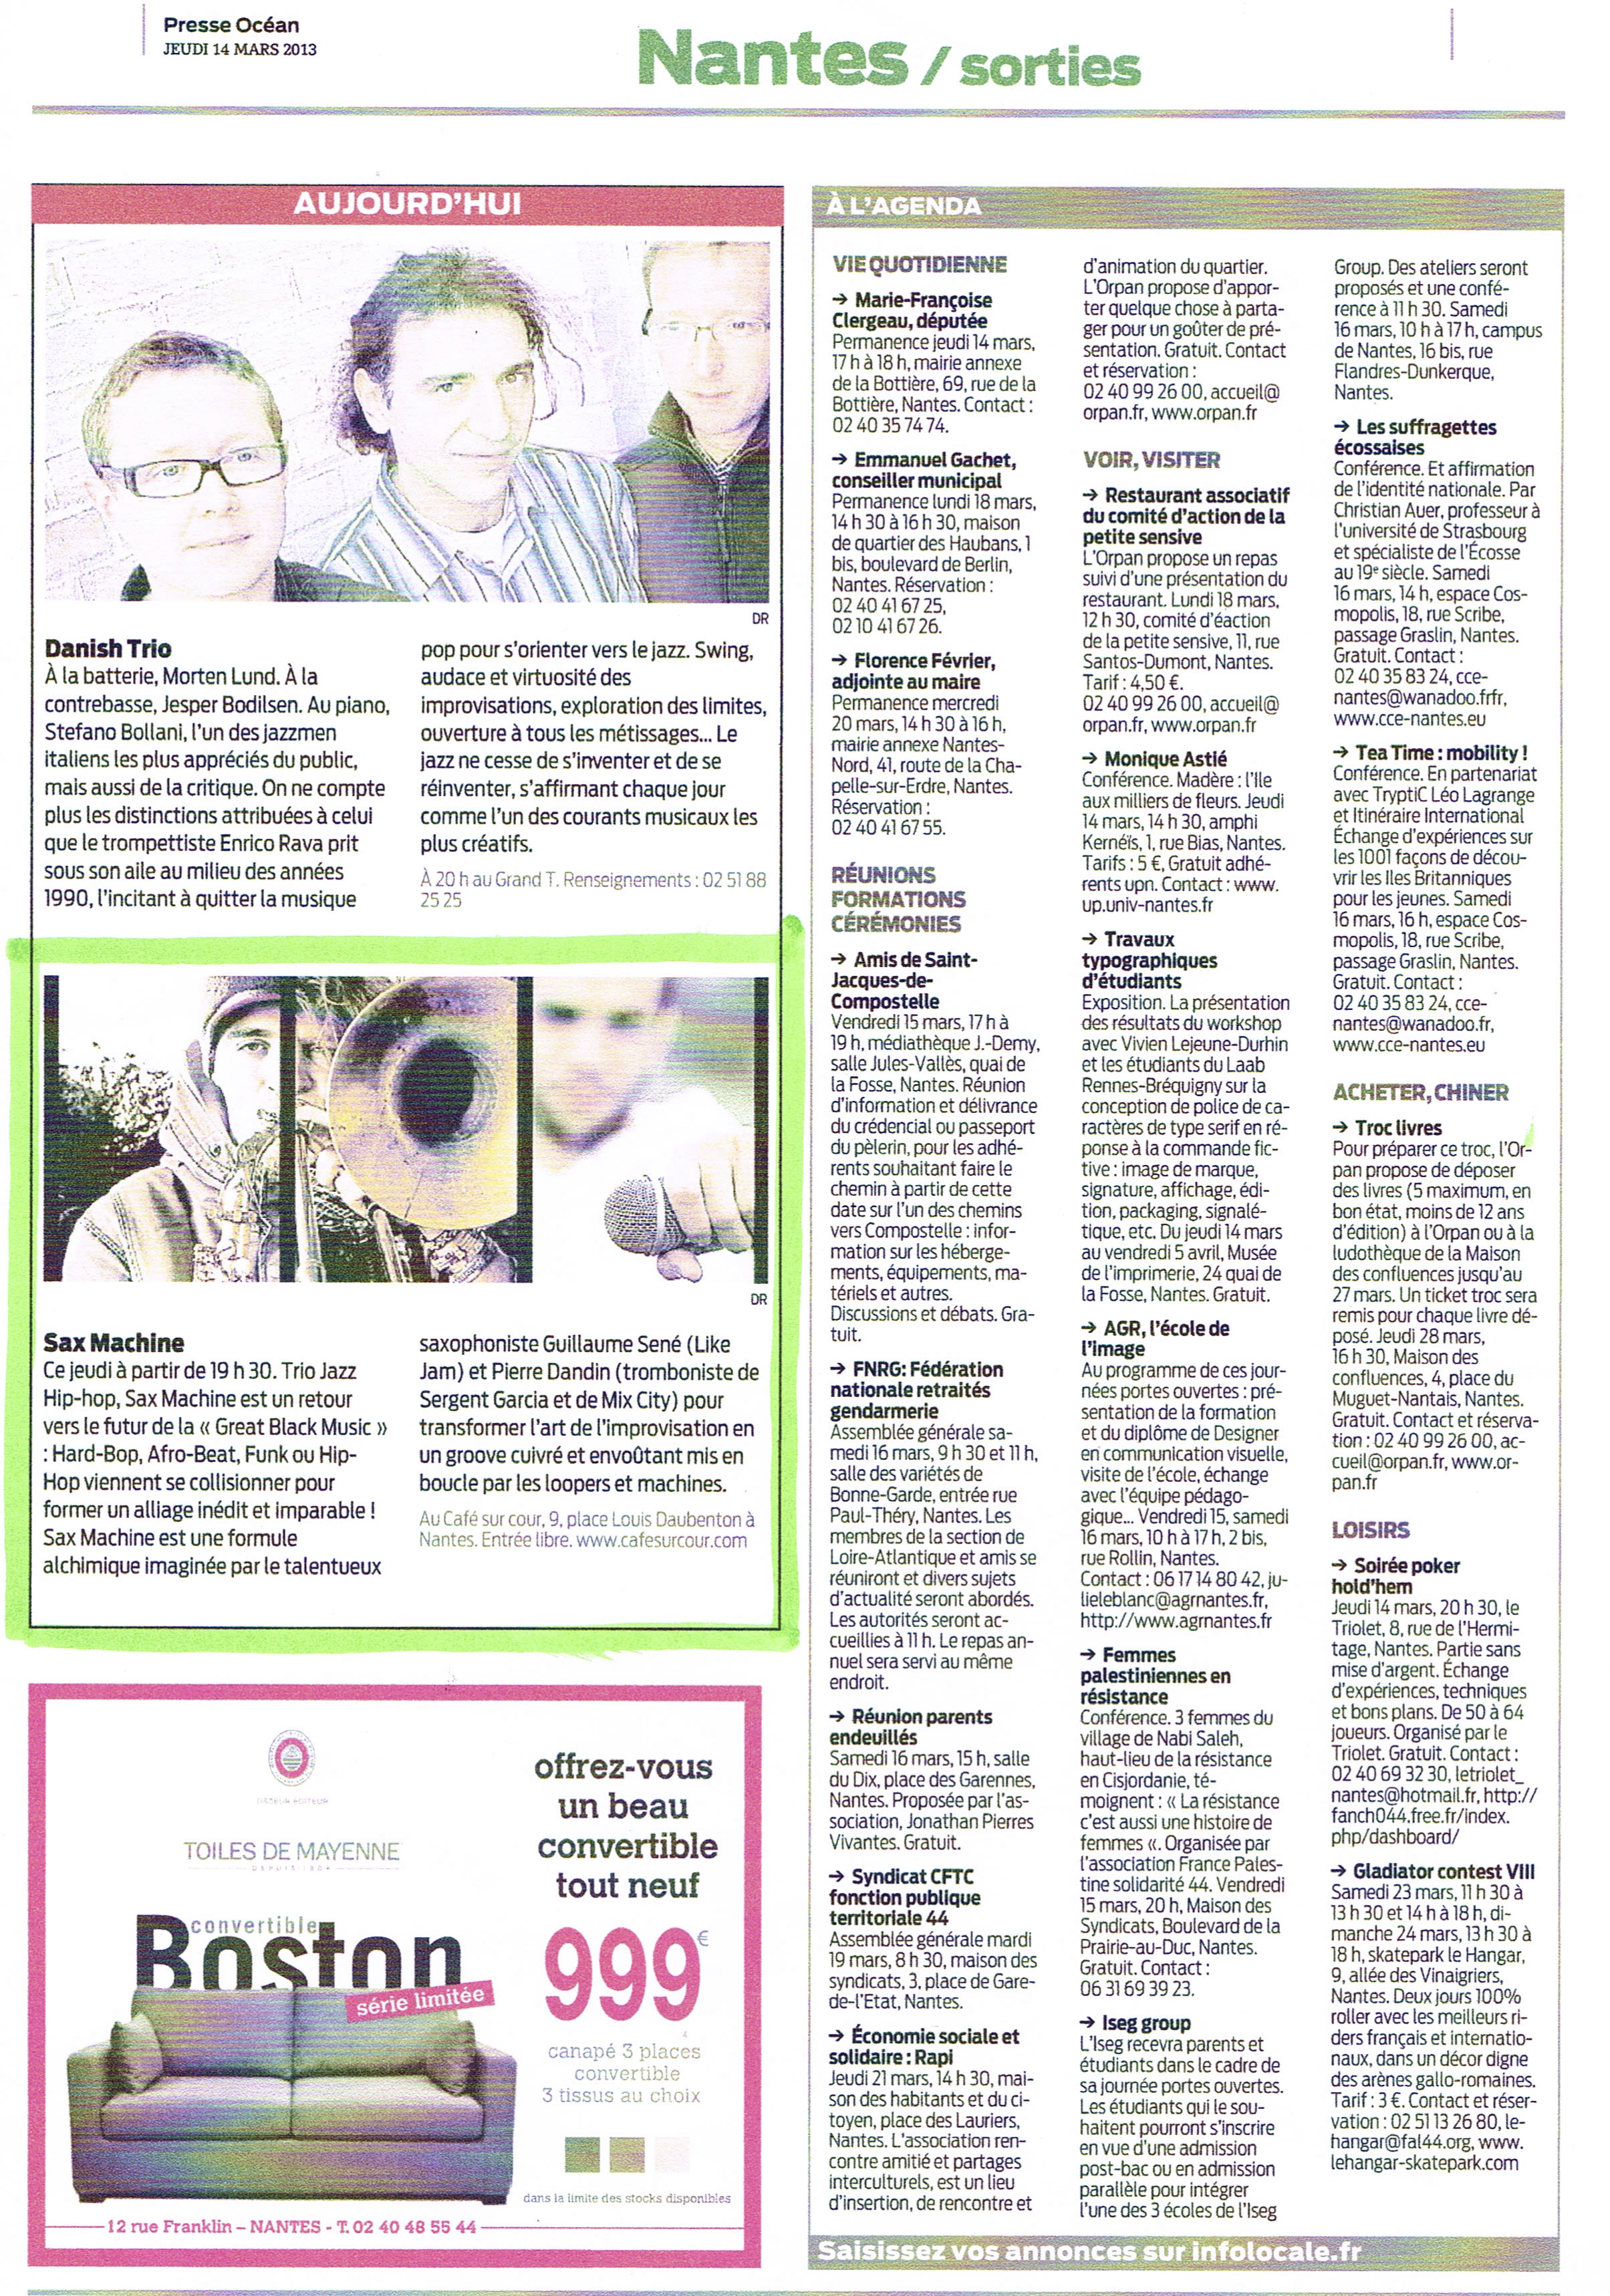 Presse Océan 14/03/13